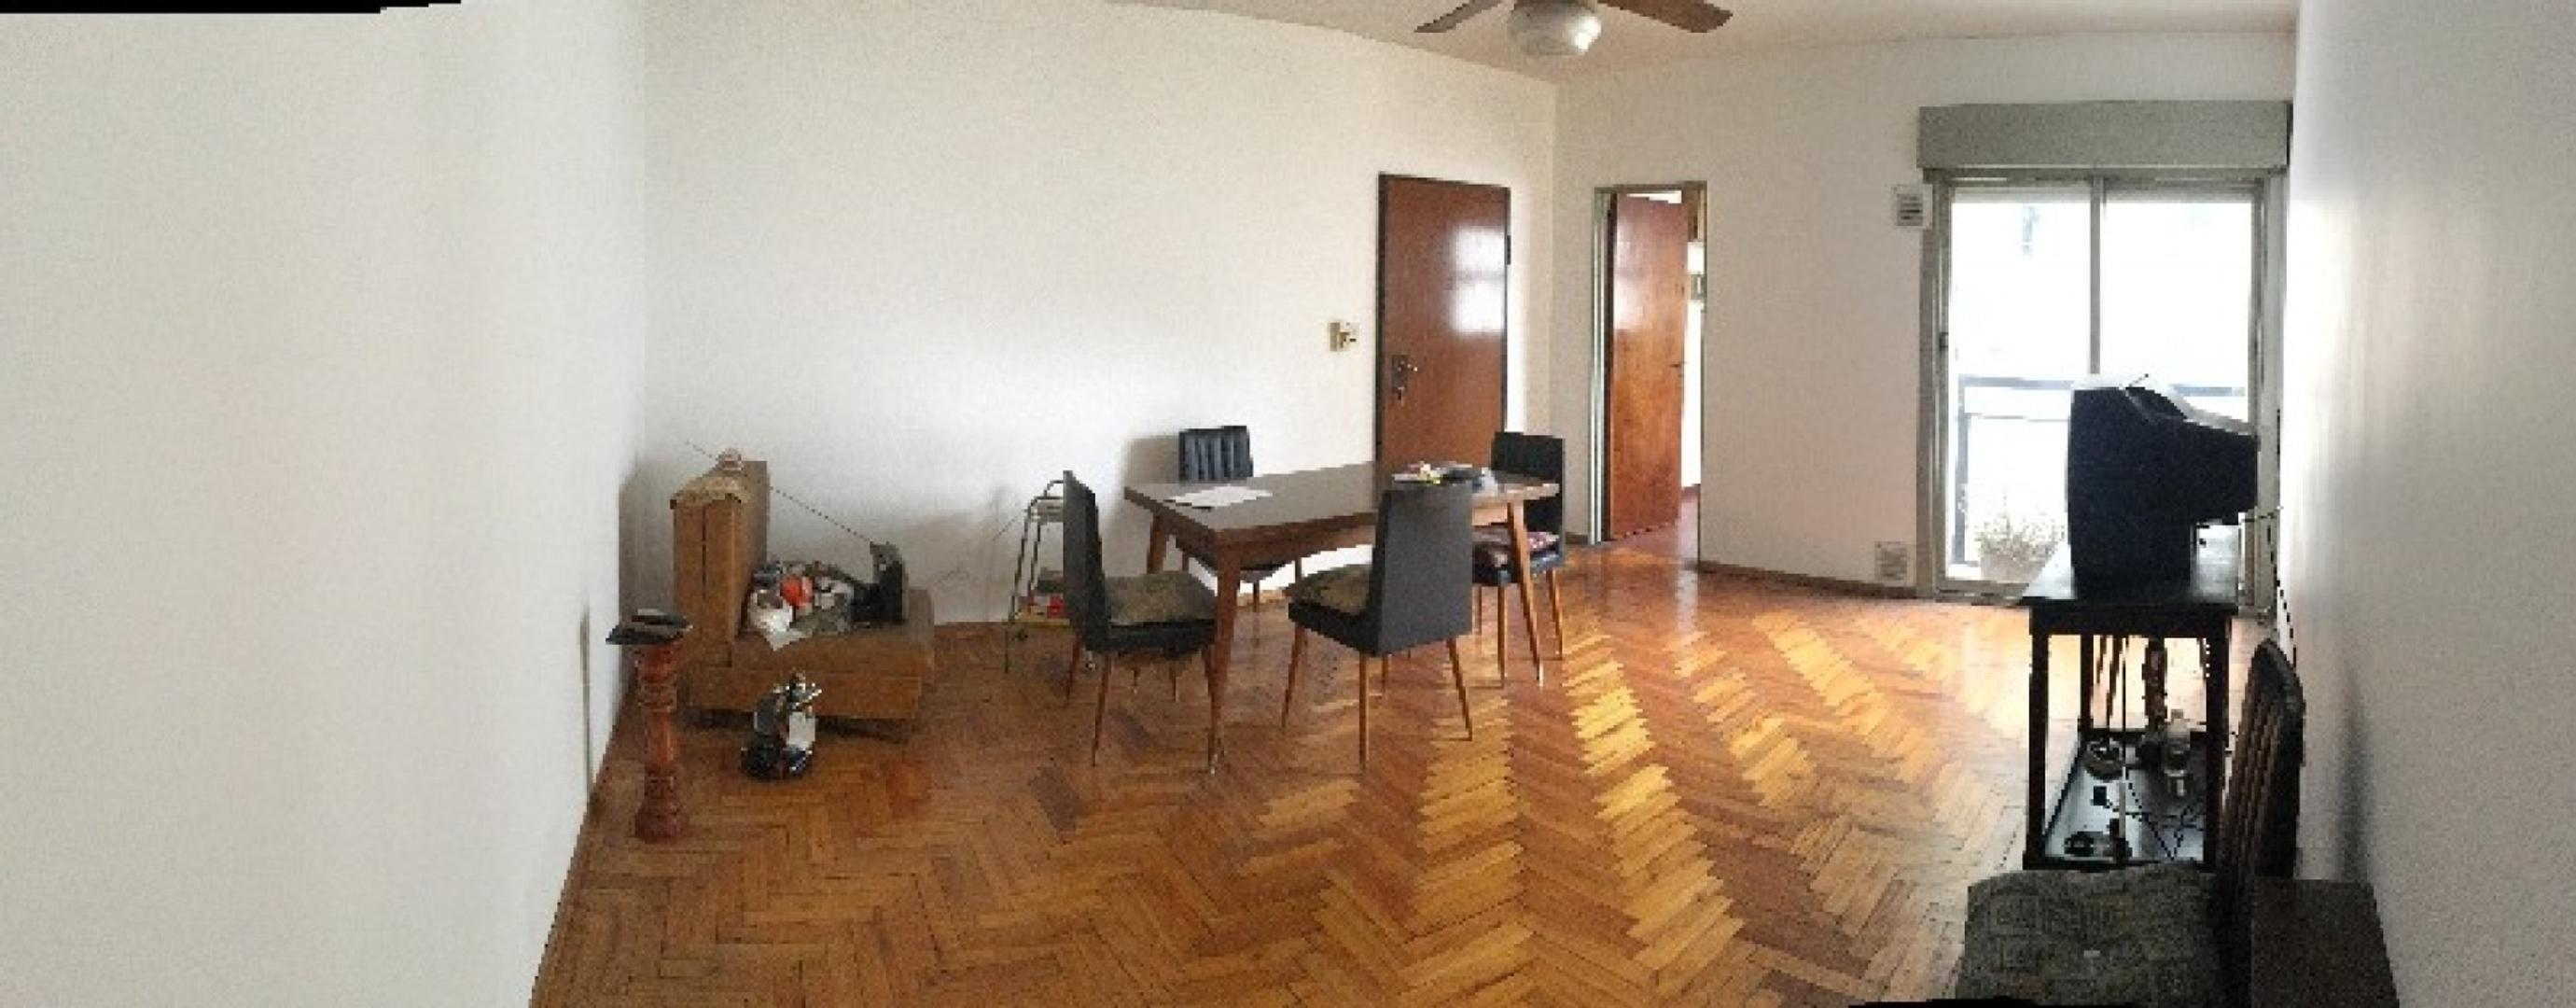 Luminosos departamento en Venta 2 Dormitorios, DIGNO DE VER